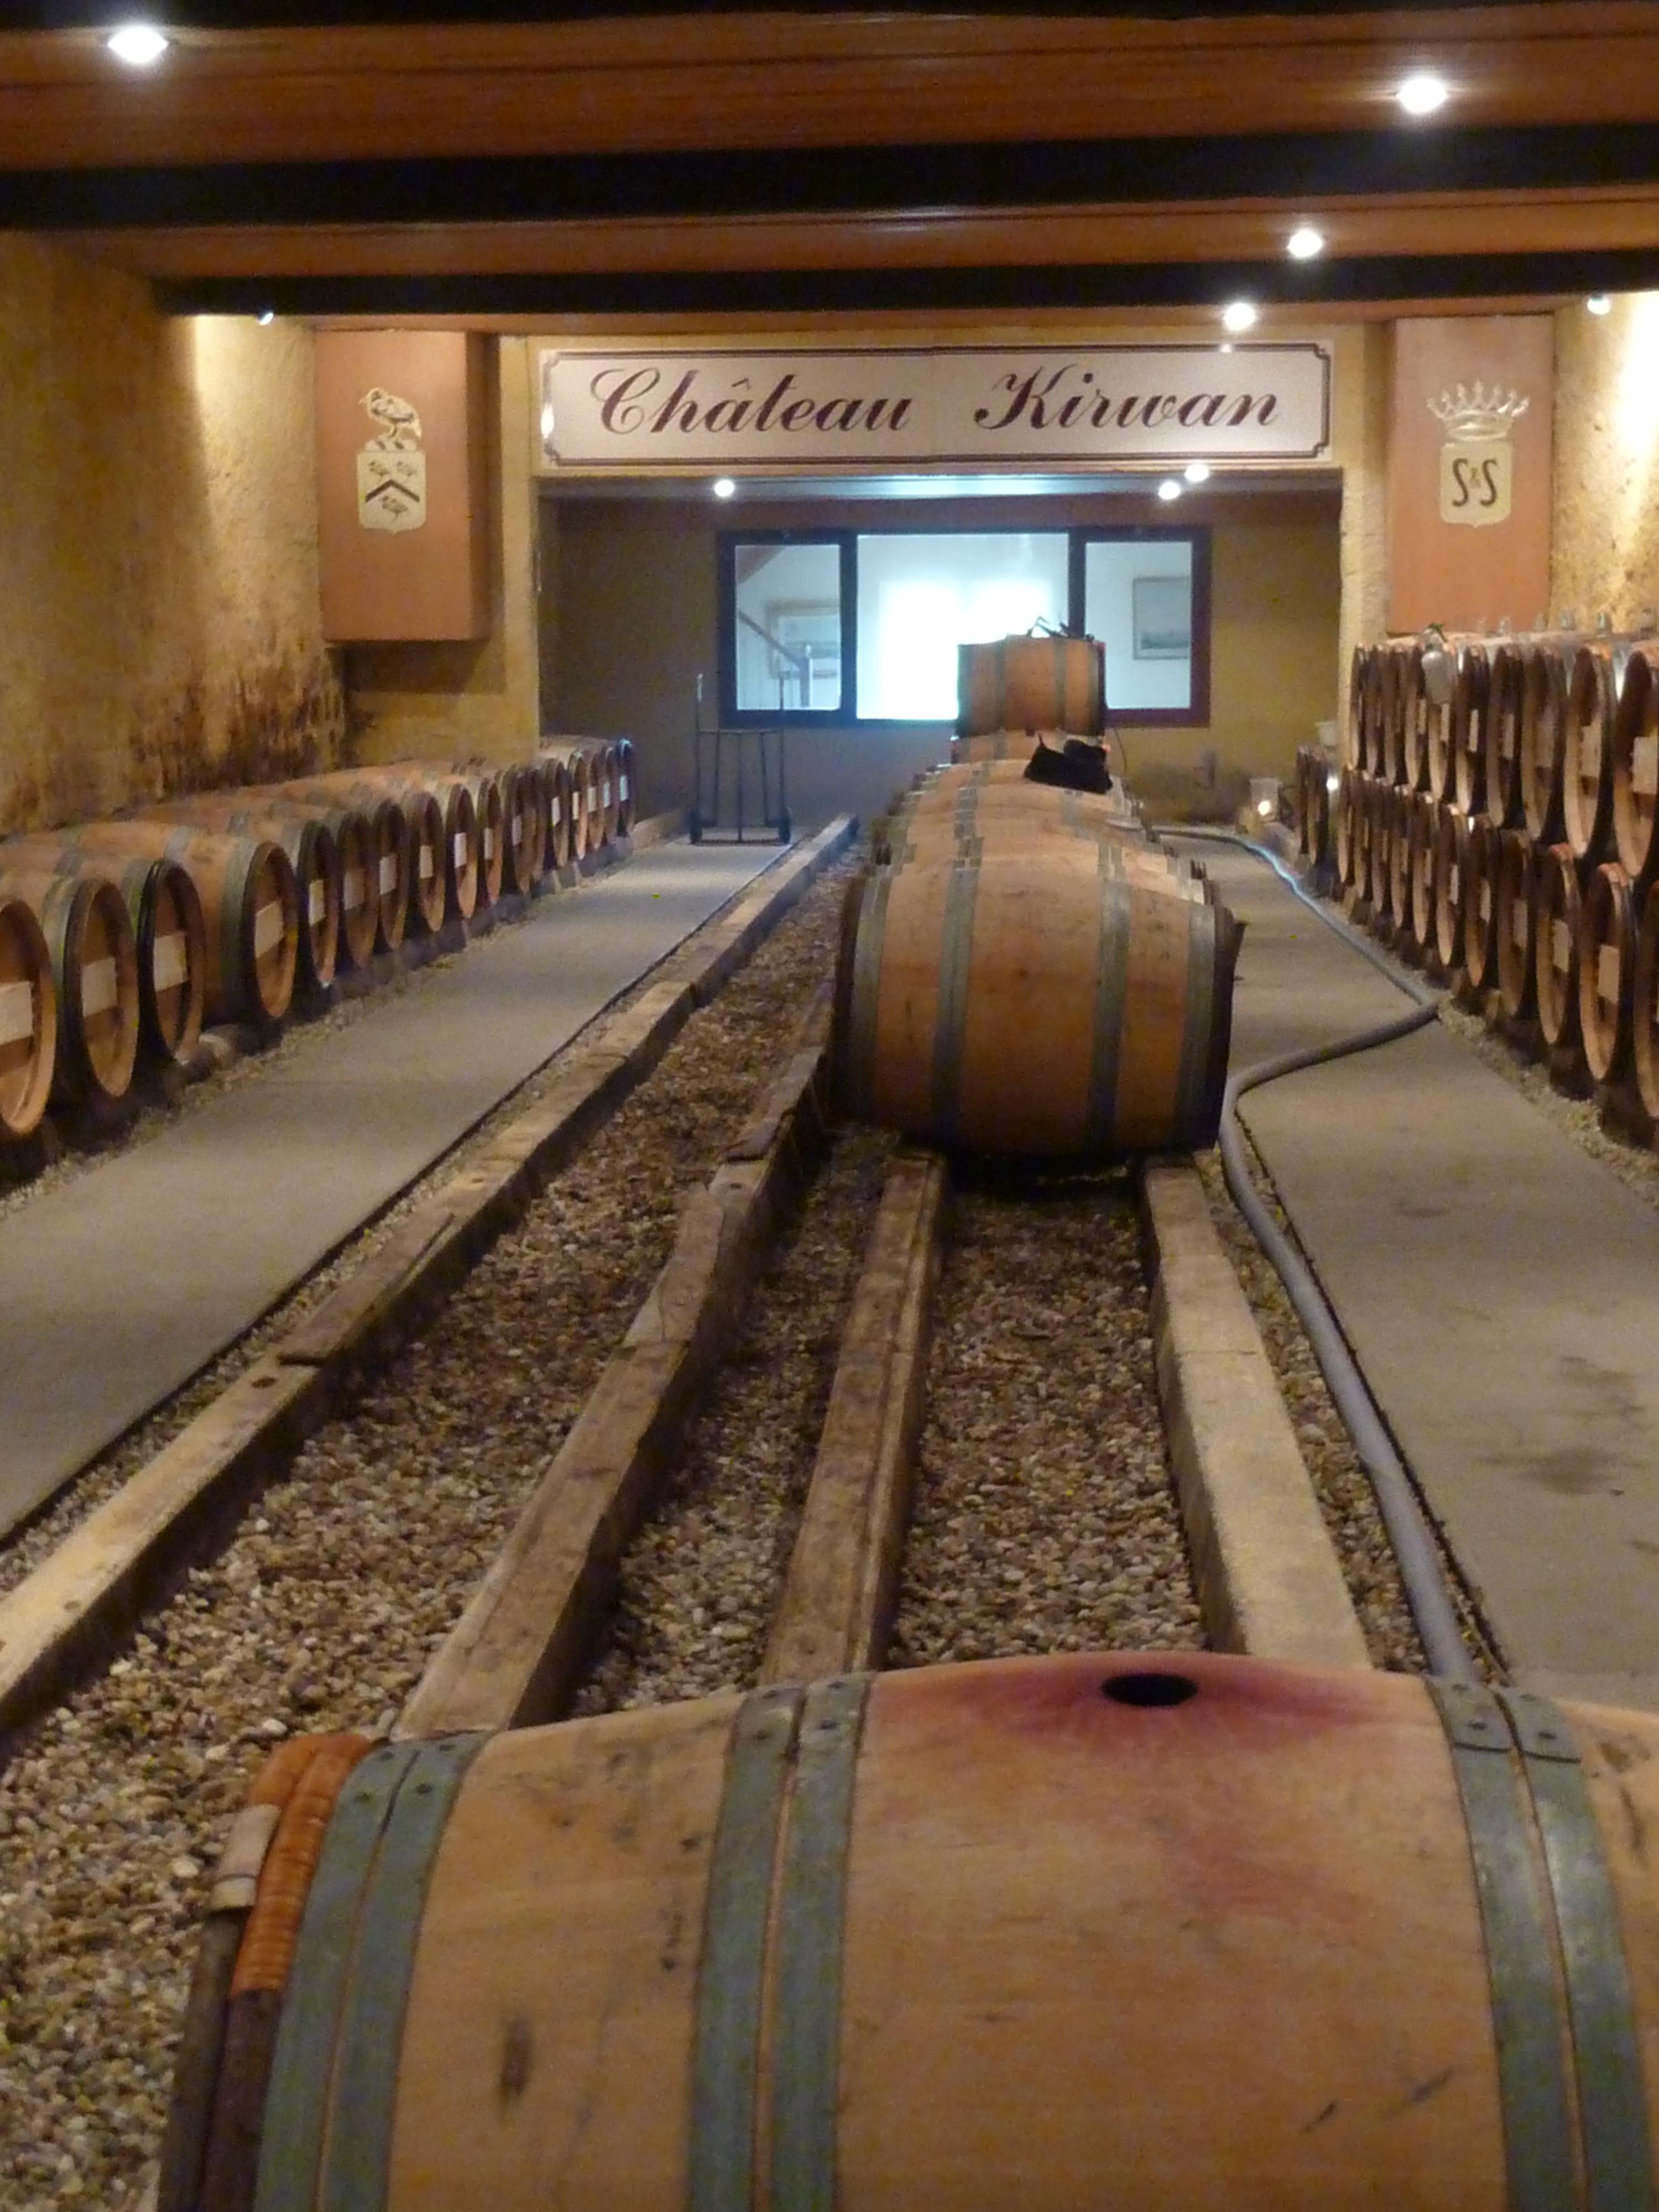 File:Barrel room of Chateau Kirwan.jpg - Wikimedia Commons